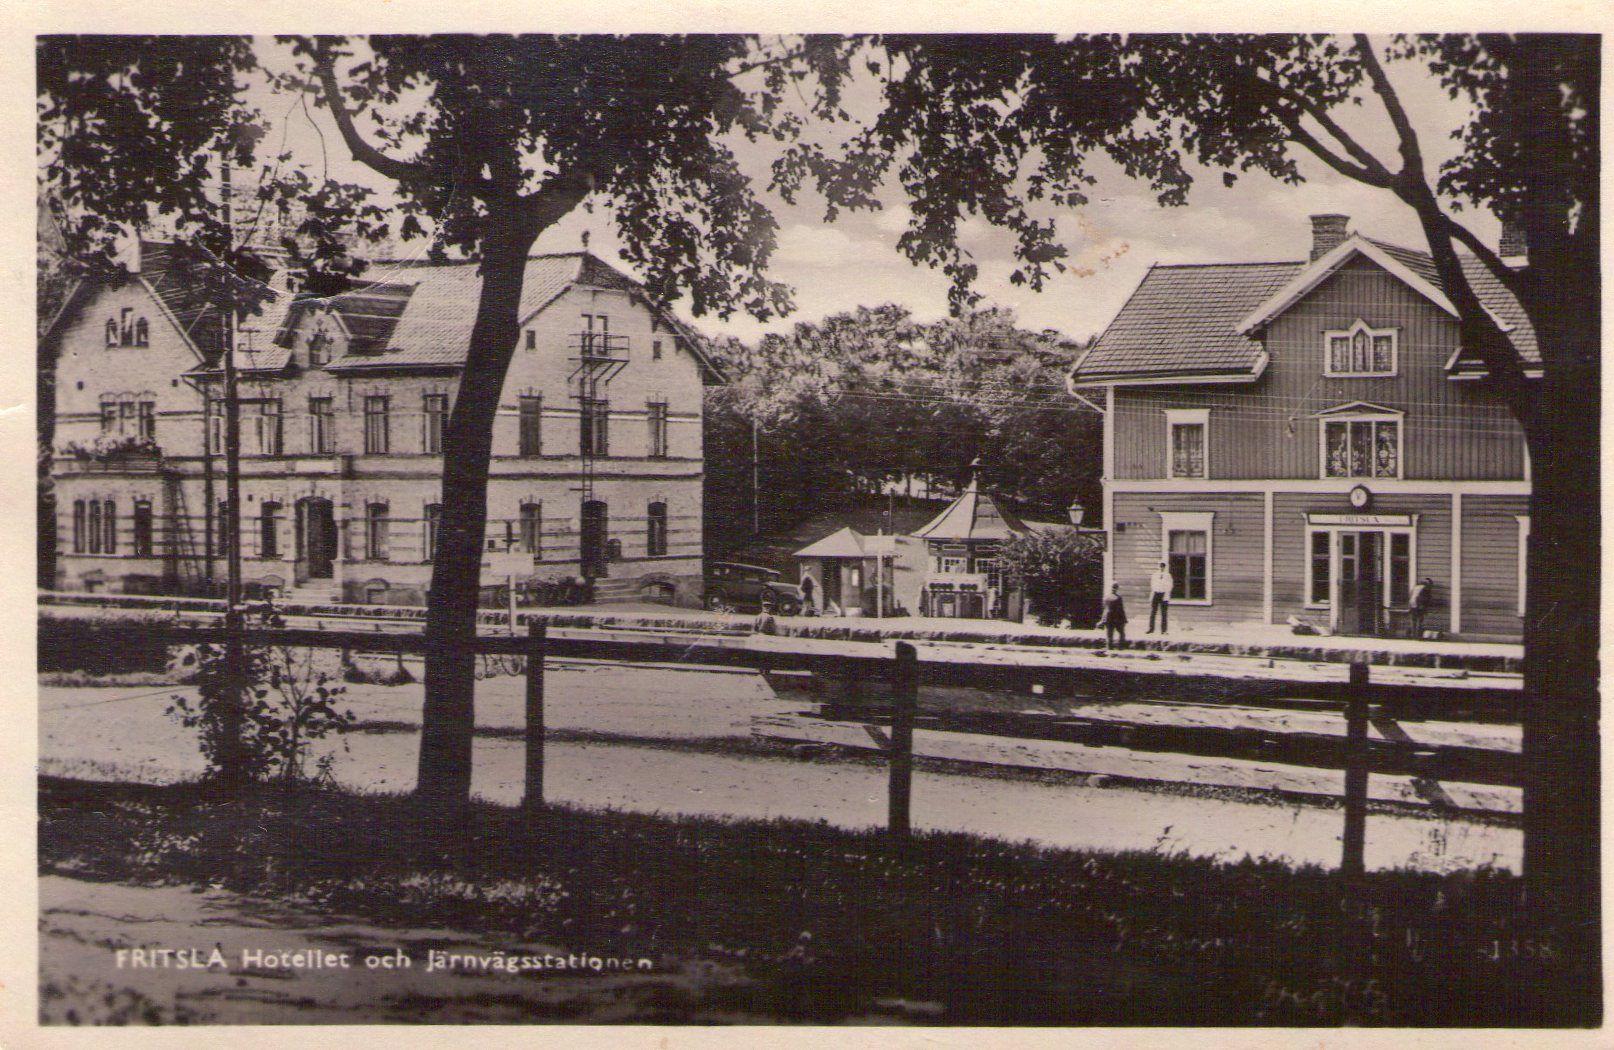 Fritsla Hotell och Station